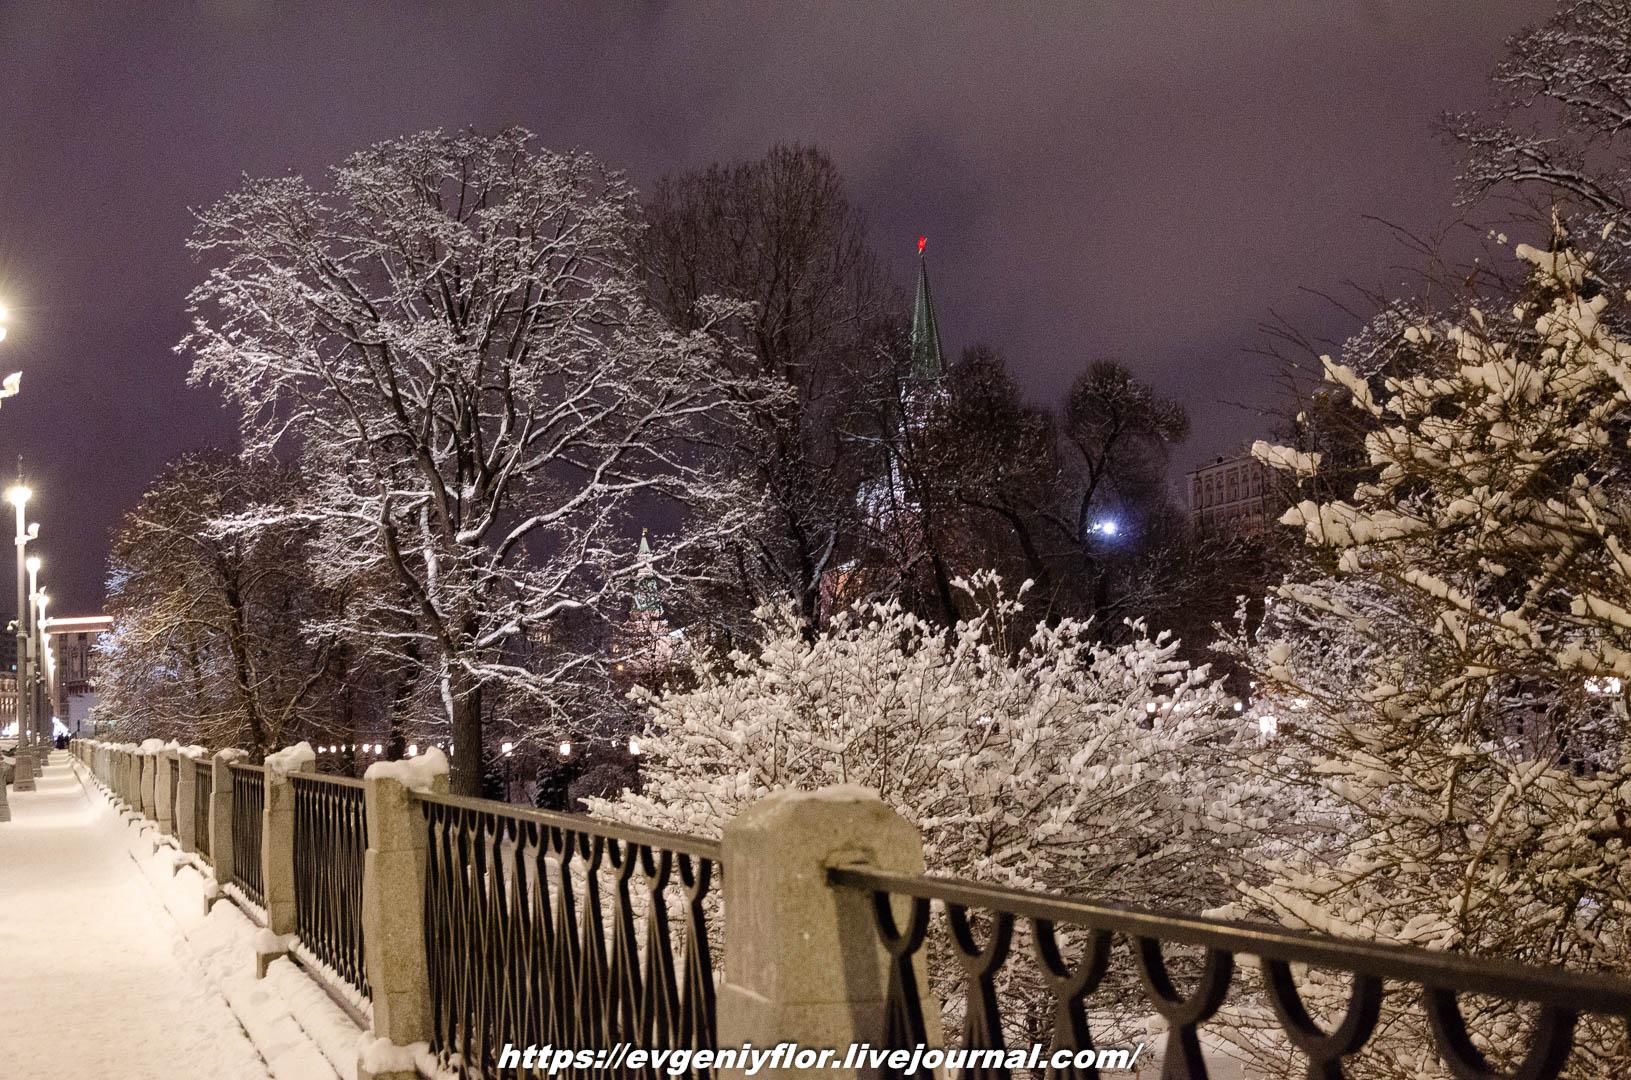 Вечерняя прогулка после снегопада    13 02 - 2019 Среда !Новая папка (2)6627.jpg